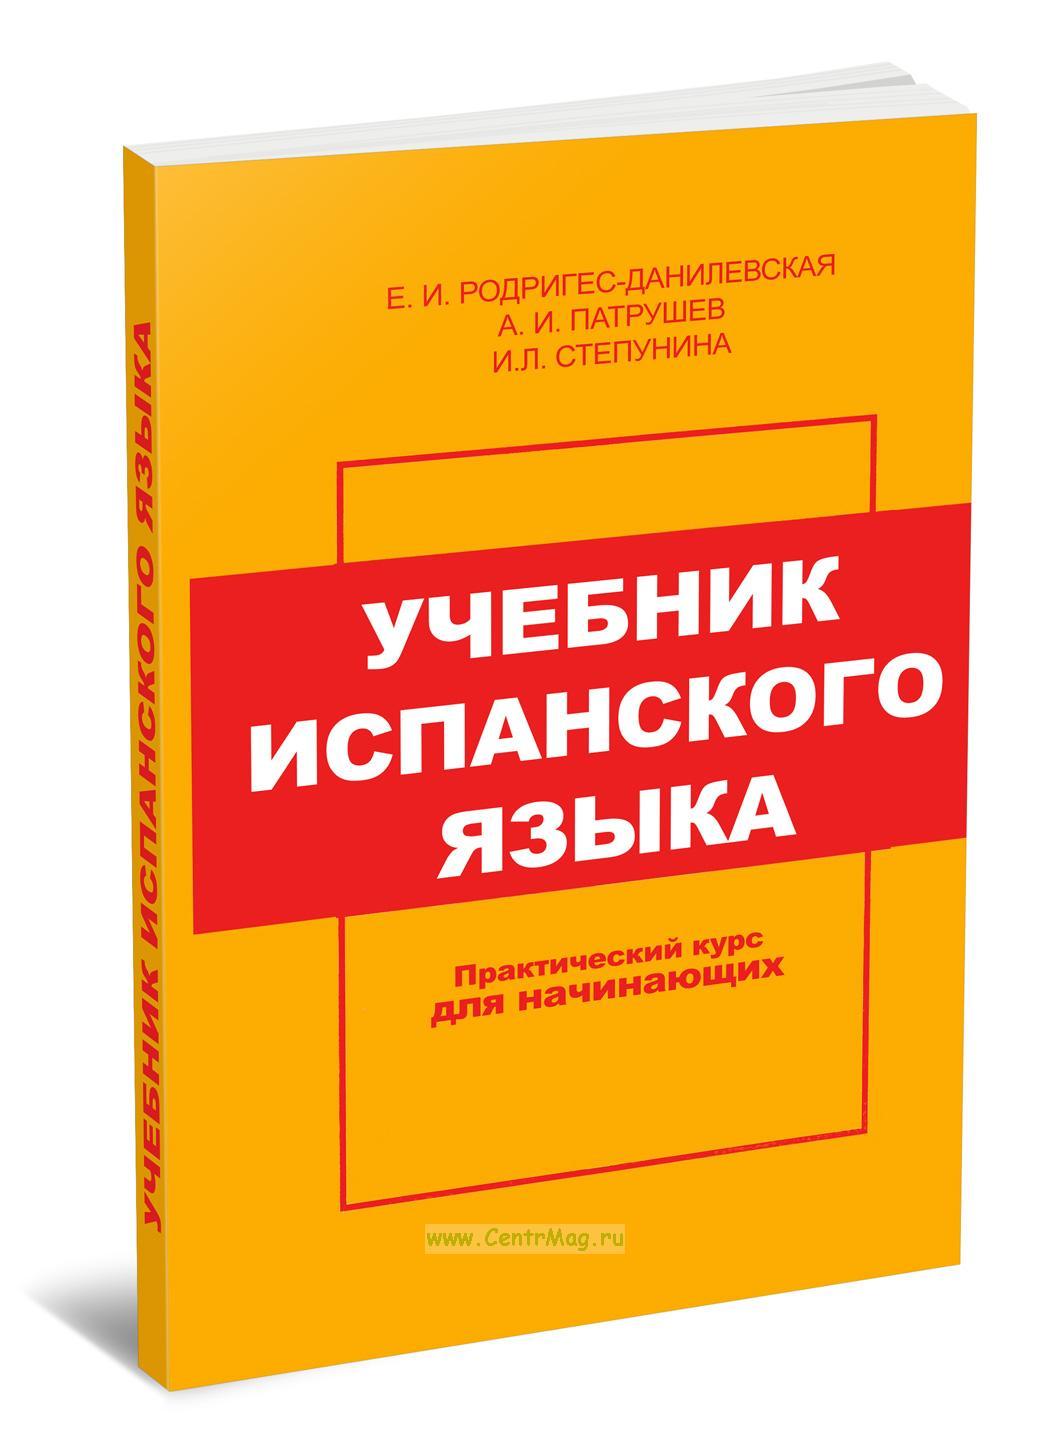 Учебник испанского языка. Практический курс (для начинающих)